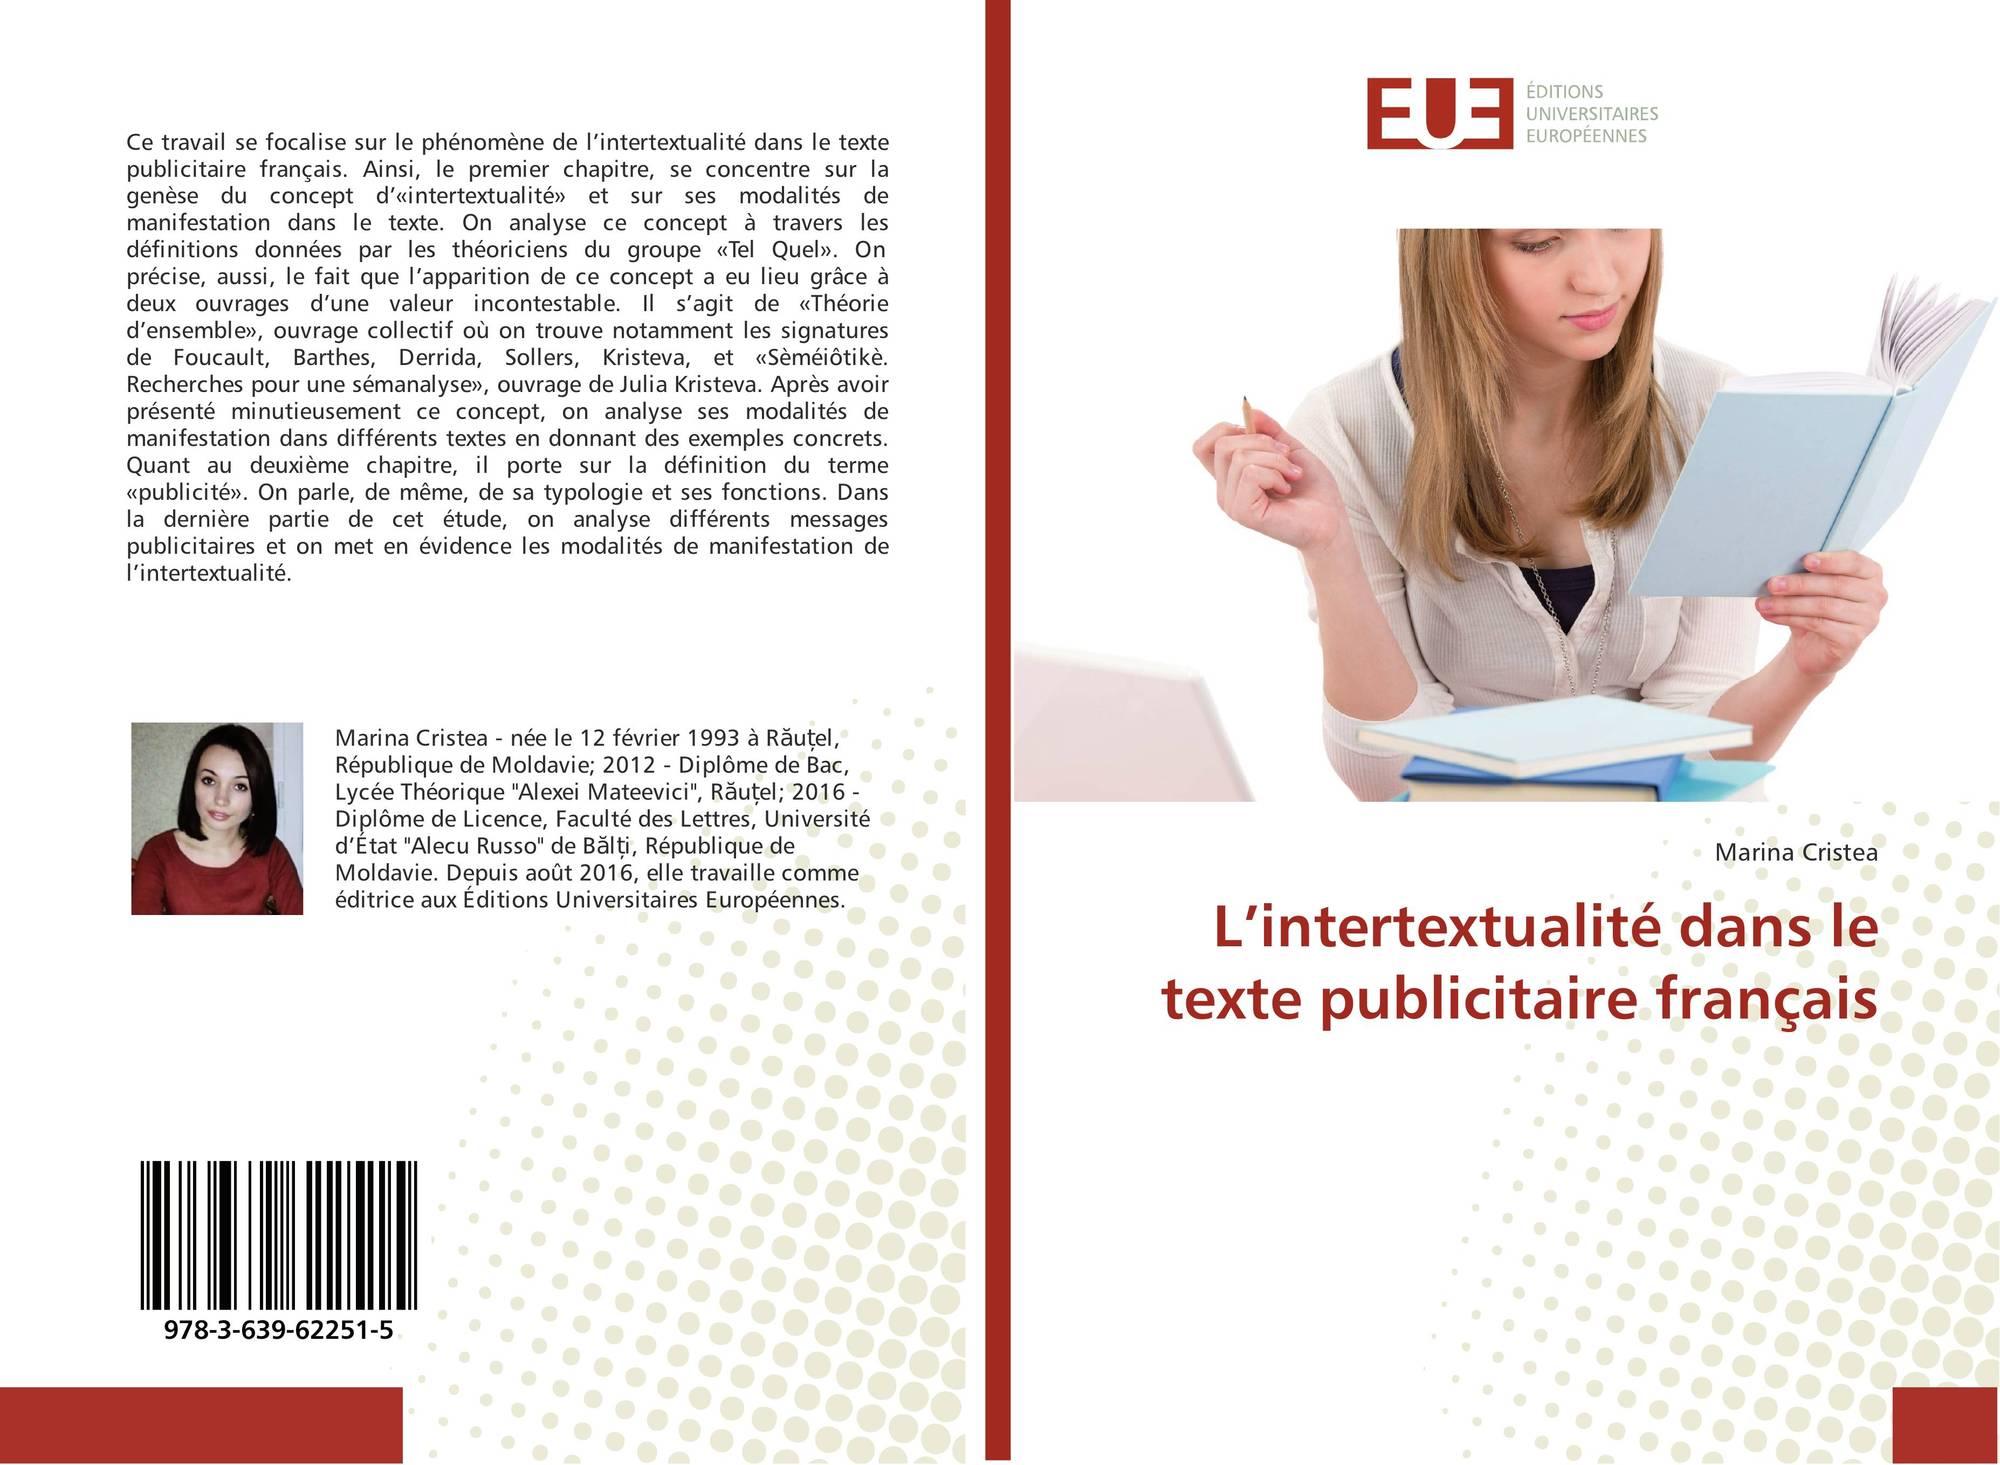 L'intertextualité dans le texte publicitaire français, 978 ...